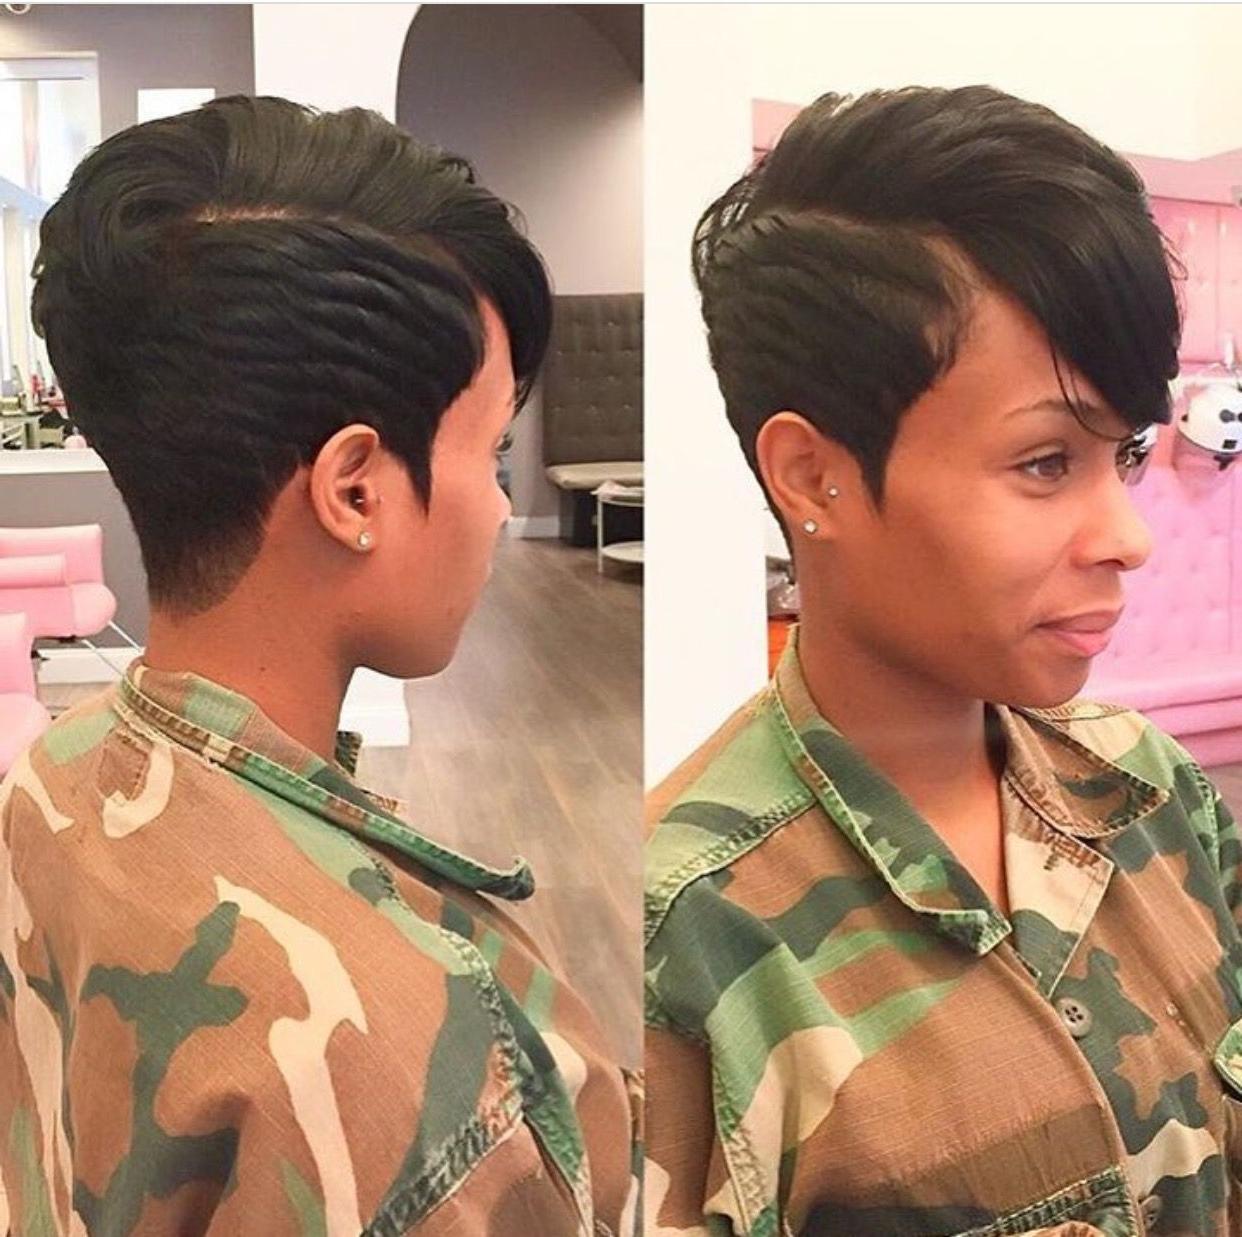 Pincandice Crayton On Hair In 2018 | Pinterest | Short Hair Regarding Black Short Hairstyles (View 5 of 25)